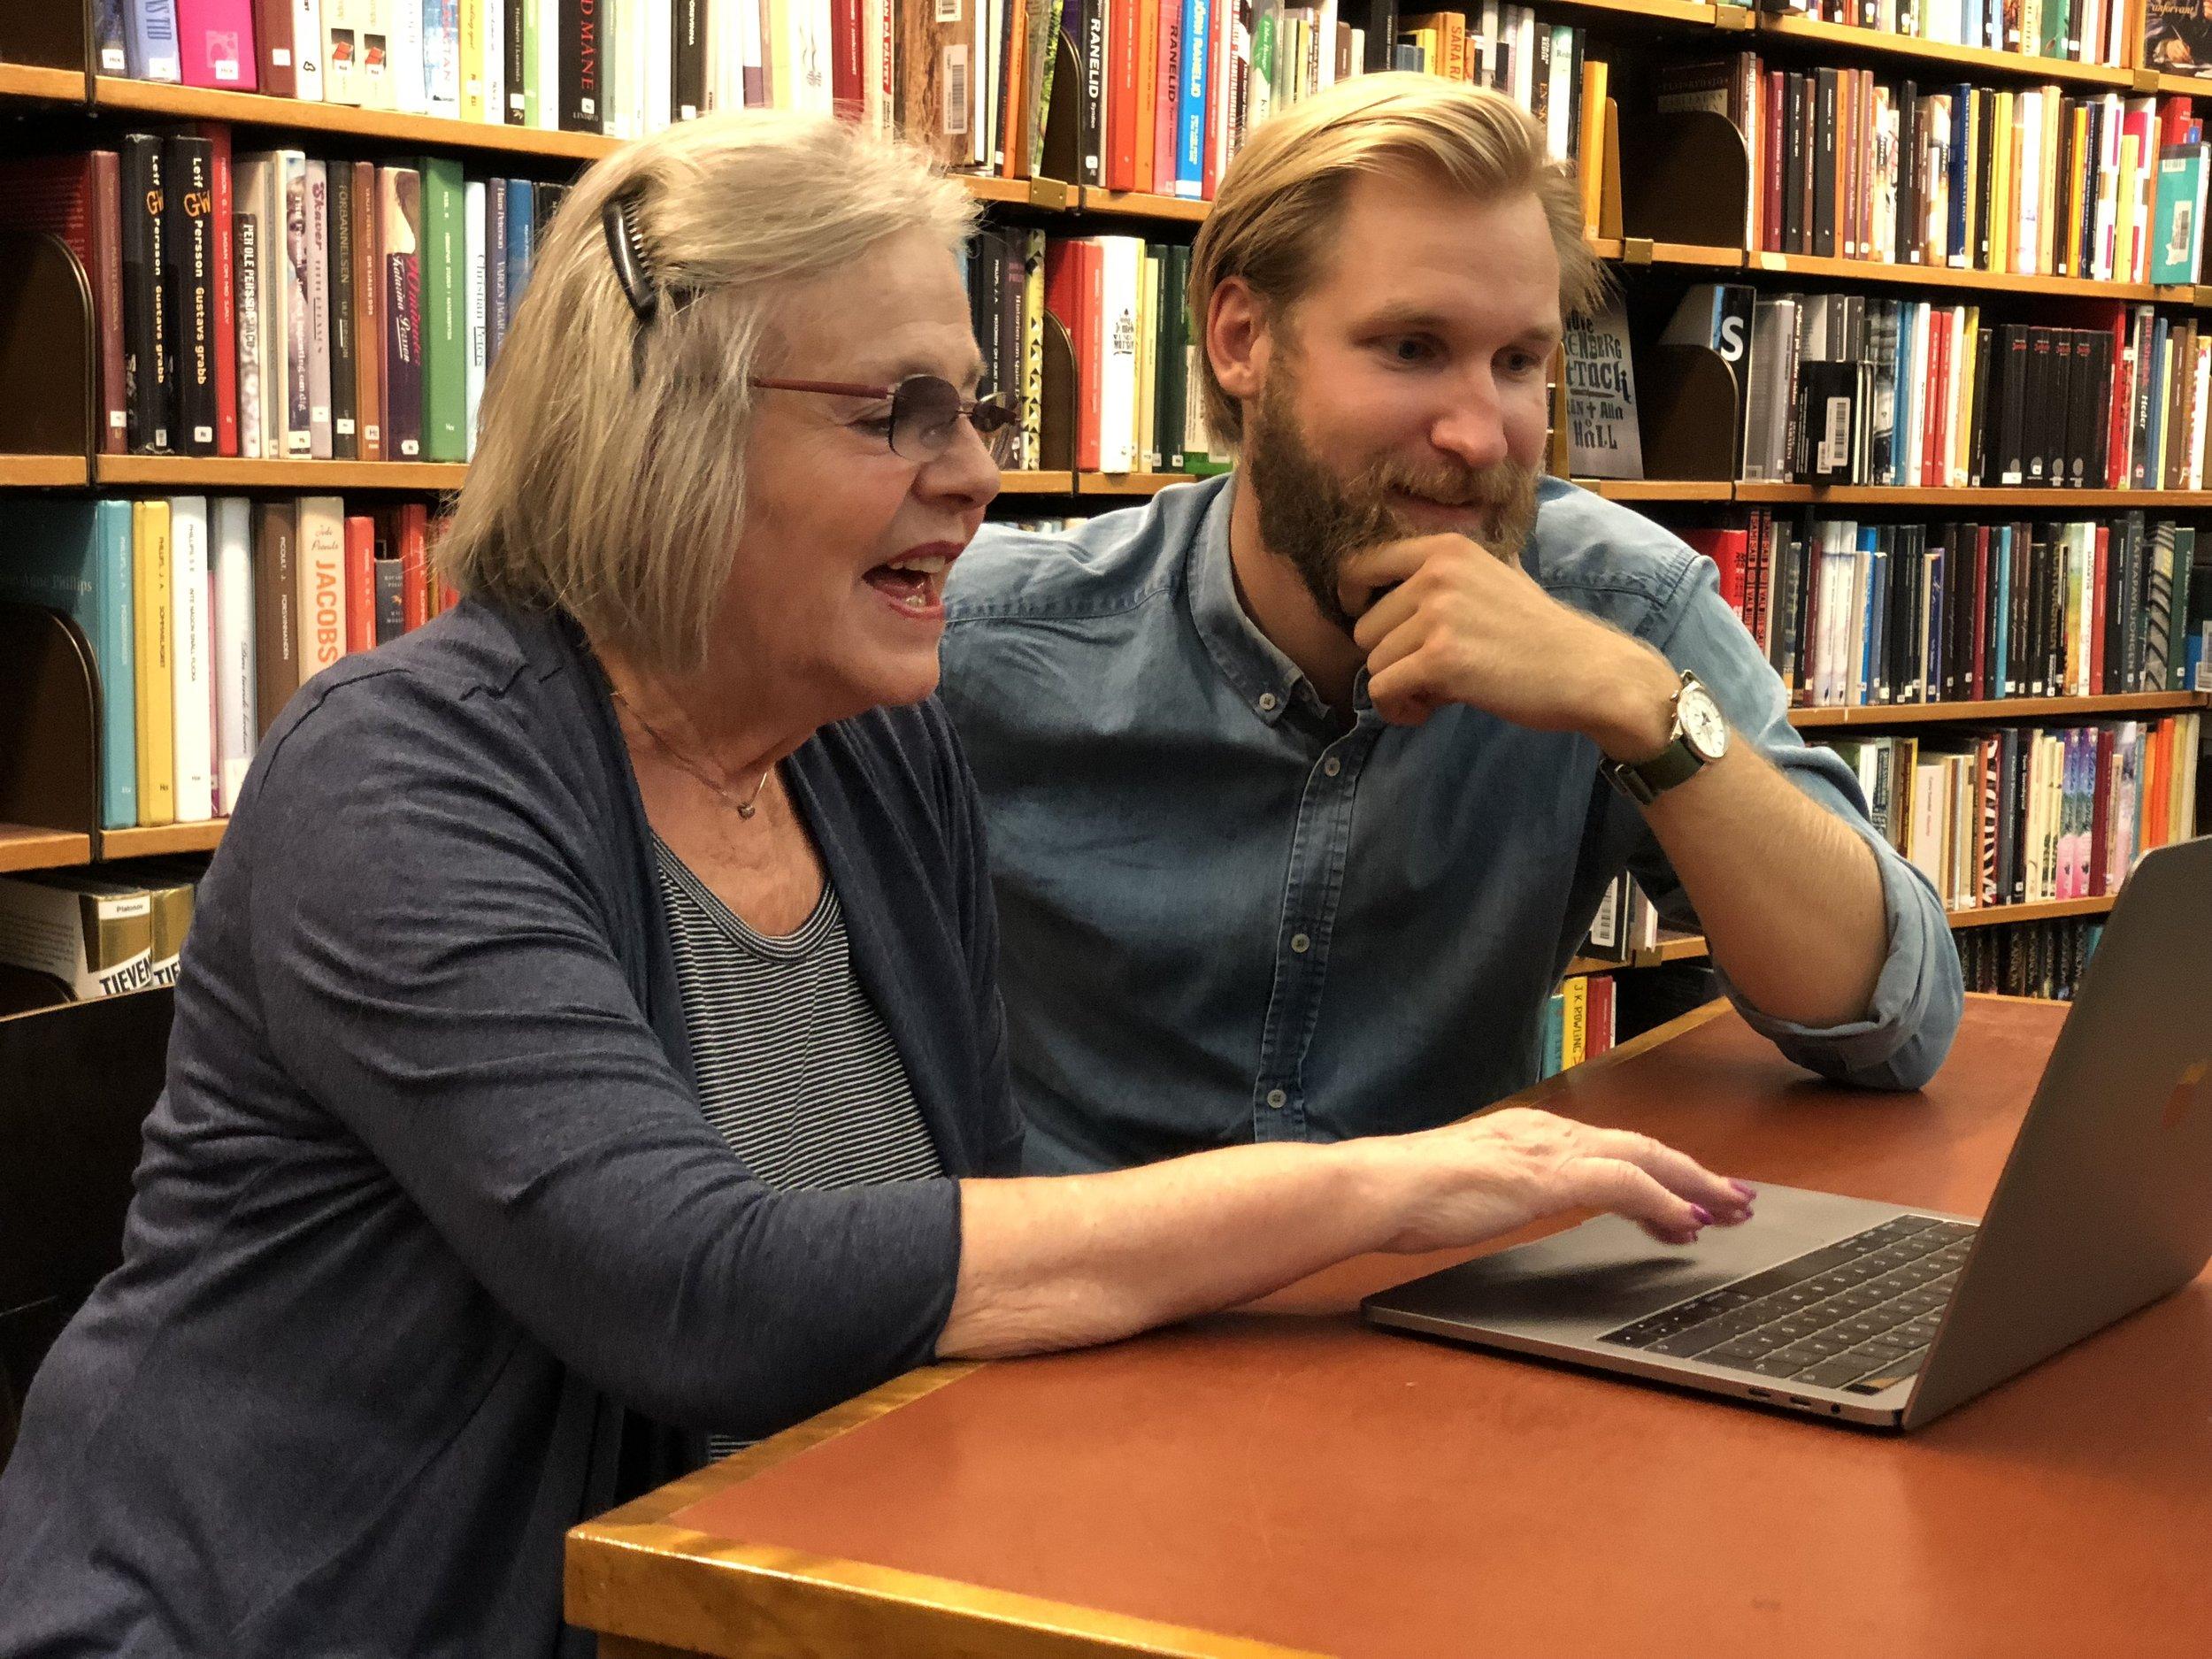 - Besök ett bibliotek och få hjälp med dina digitala frågor. En handledare sitter ned tillsammans med dig och hjälper dig besvara frågor, lösa problem eller lära dig spännande saker som du kan använda din telefon, dator eller surfplatta till.